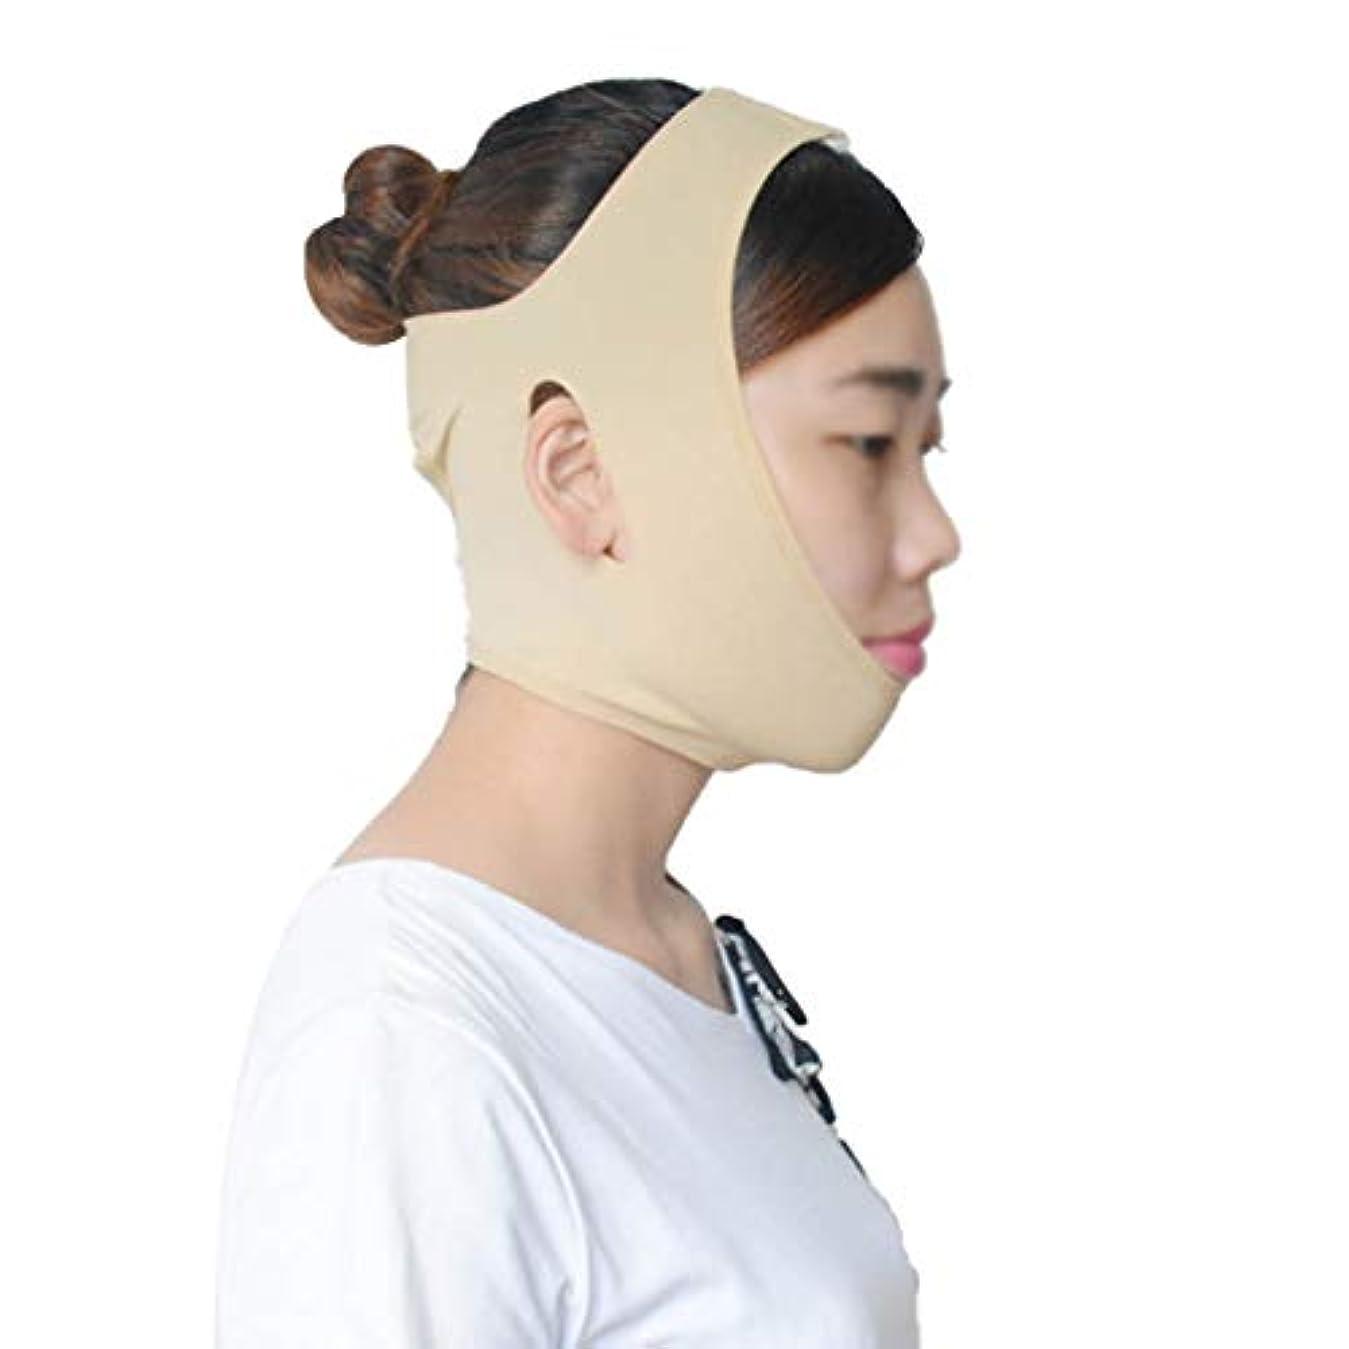 マイナス放棄する生理引き締めフェイスマスク、フェイスリフトマスク強力なフェイスリフティングツールフェイスビューティフェイスリフティングフェイスマスク引き締めフェイスリフティングフェイスリフティングフェイスリフティング包帯 (Size : L)